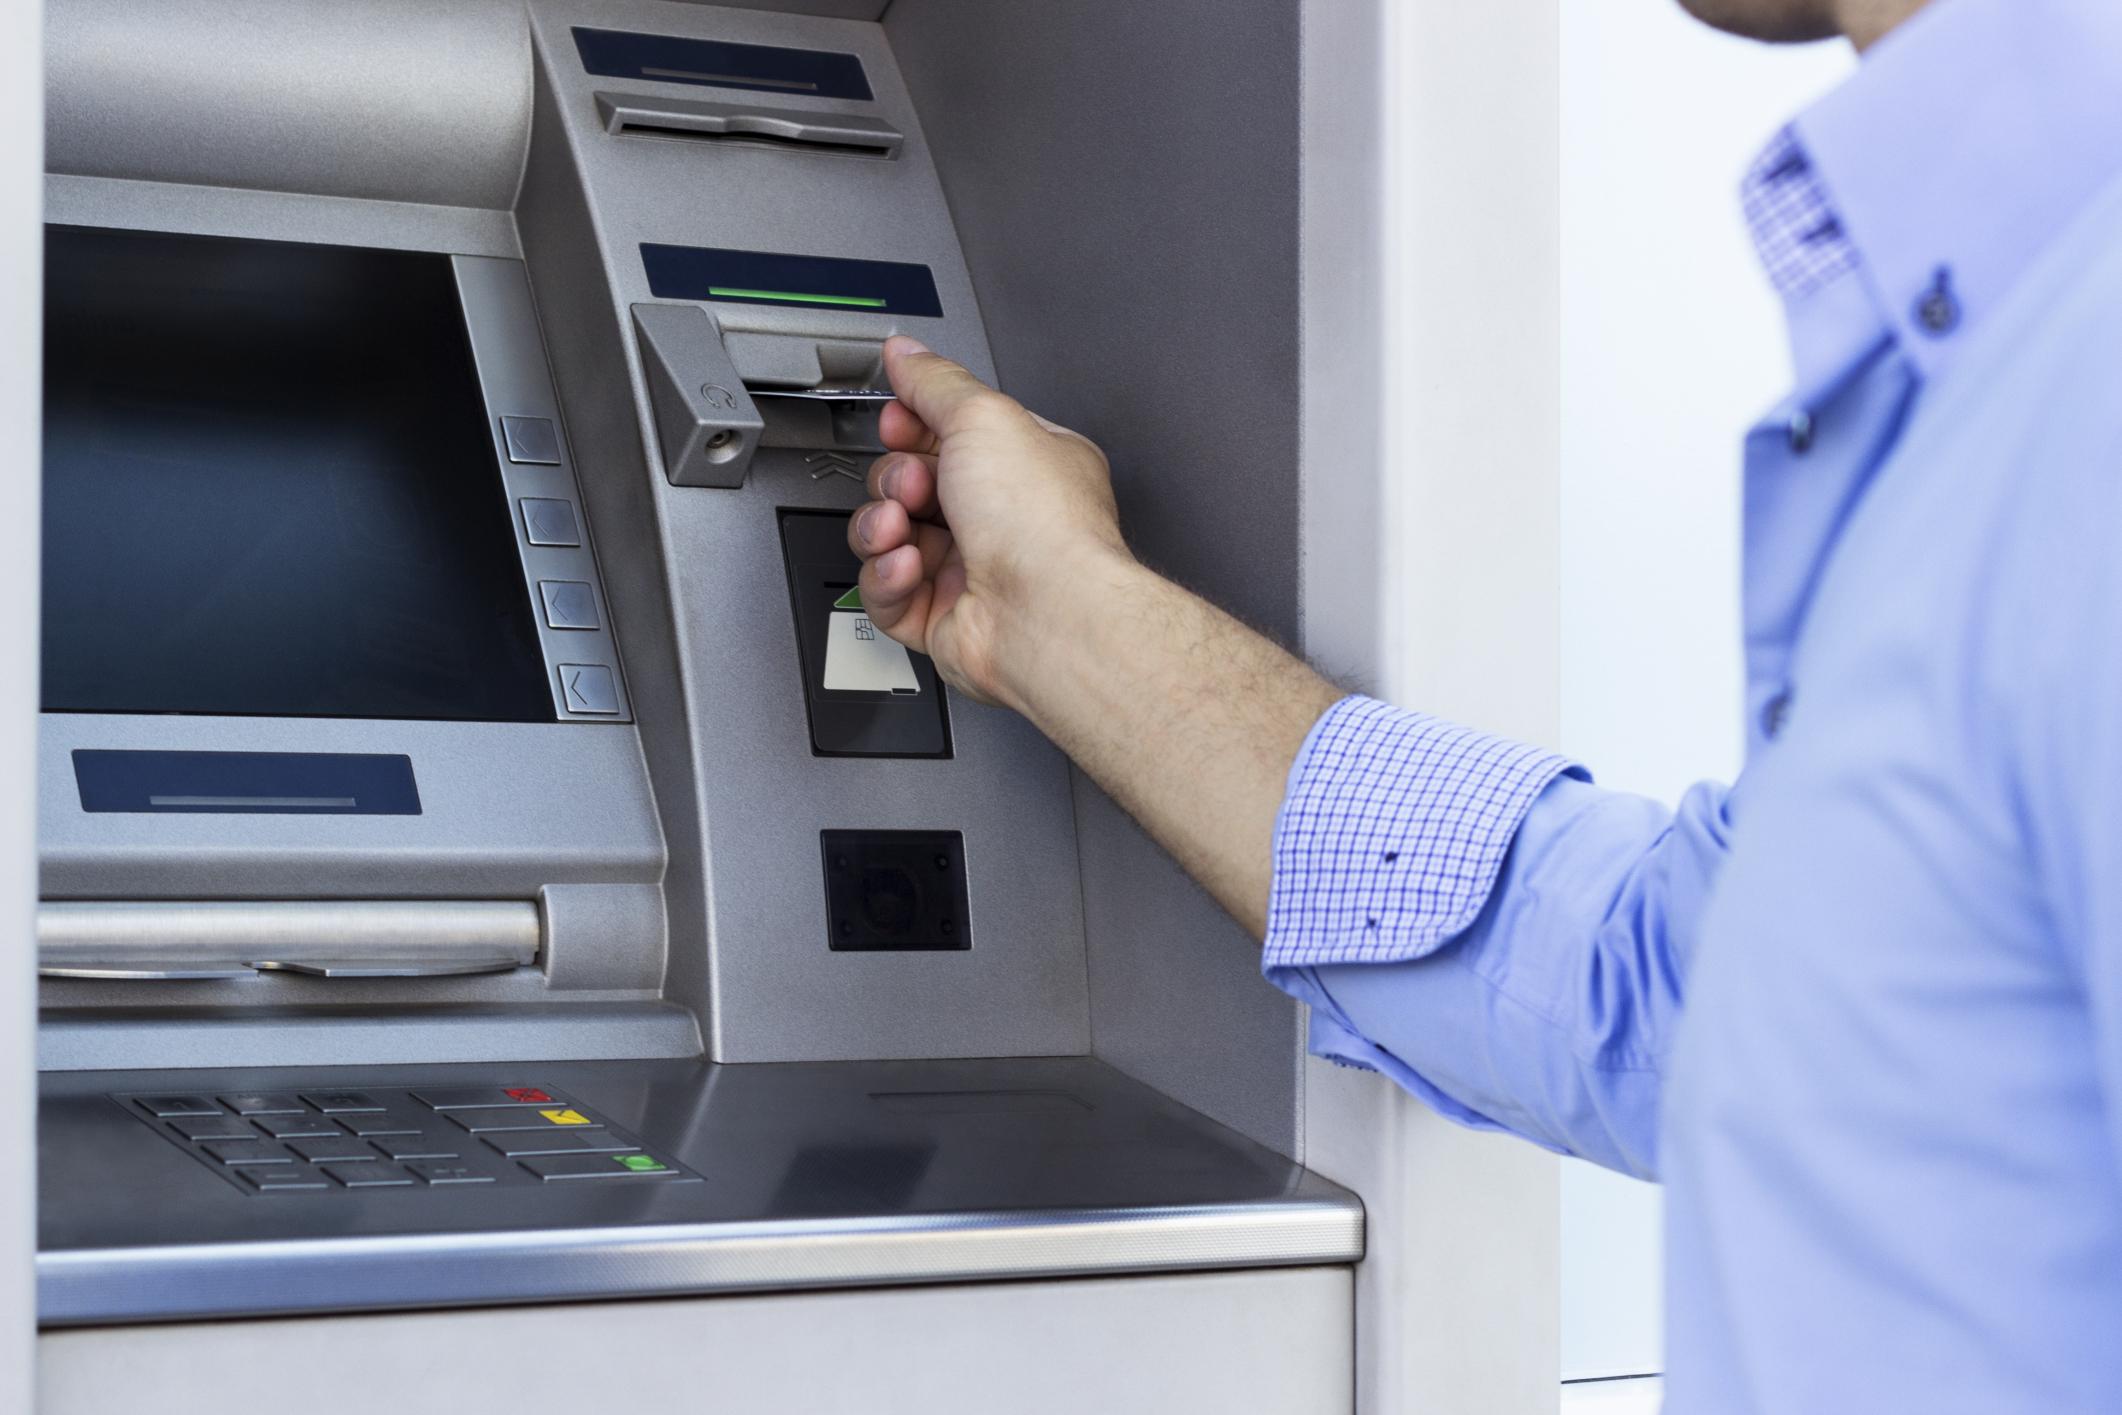 Евпаторийцы устраивают огромные очереди у банкоматов